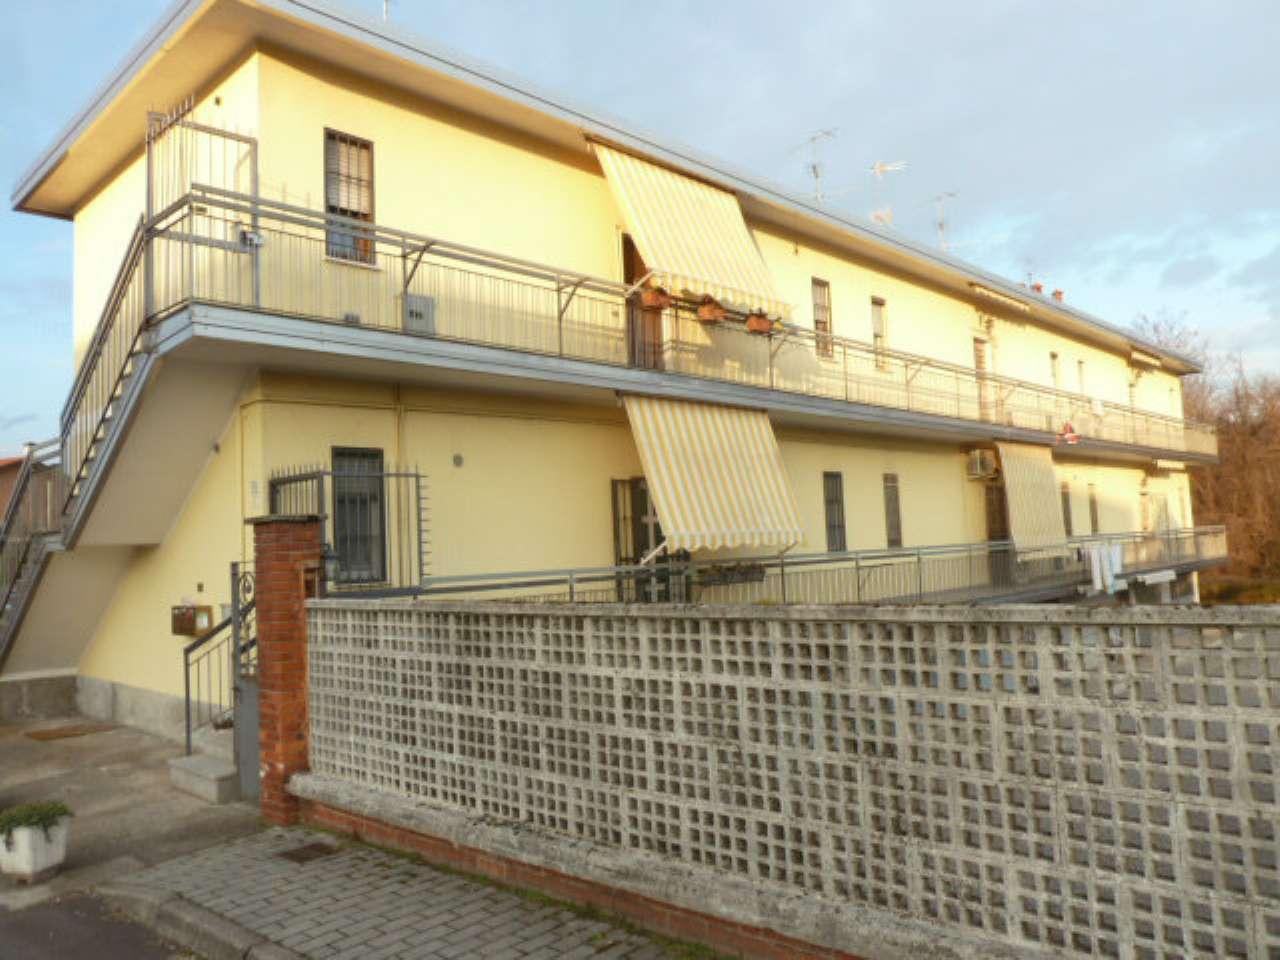 Appartamento in vendita a Gerenzano, 3 locali, prezzo € 79.000 | Cambio Casa.it